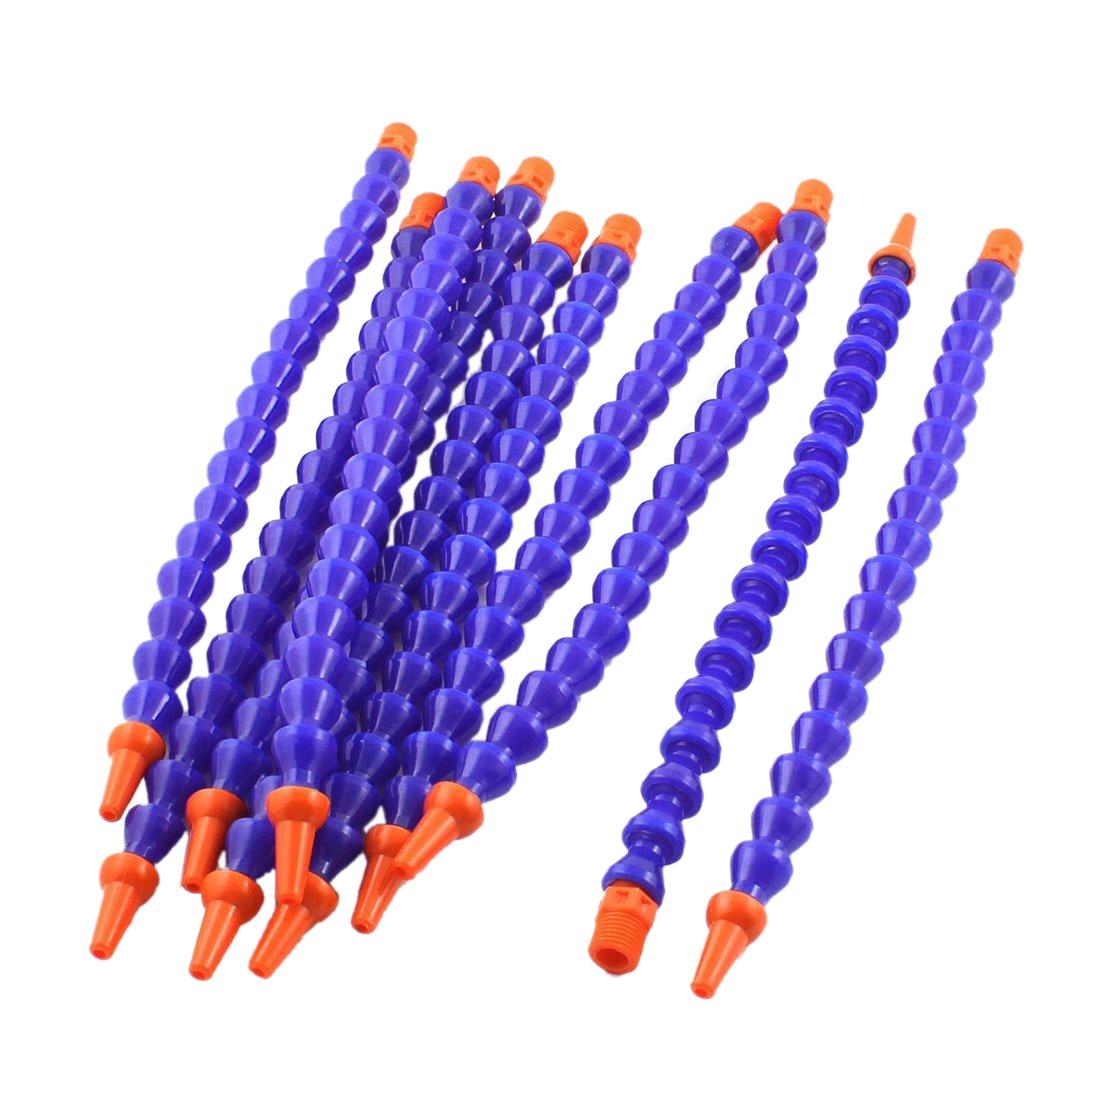 10PCS Round Nozzle 1/4PT Flexible Oil Coolant Pipe Hose Blue Orange 1 pc 1 2 400mm flexible adjustable water oil coolant pipe hose w round nozzle switch